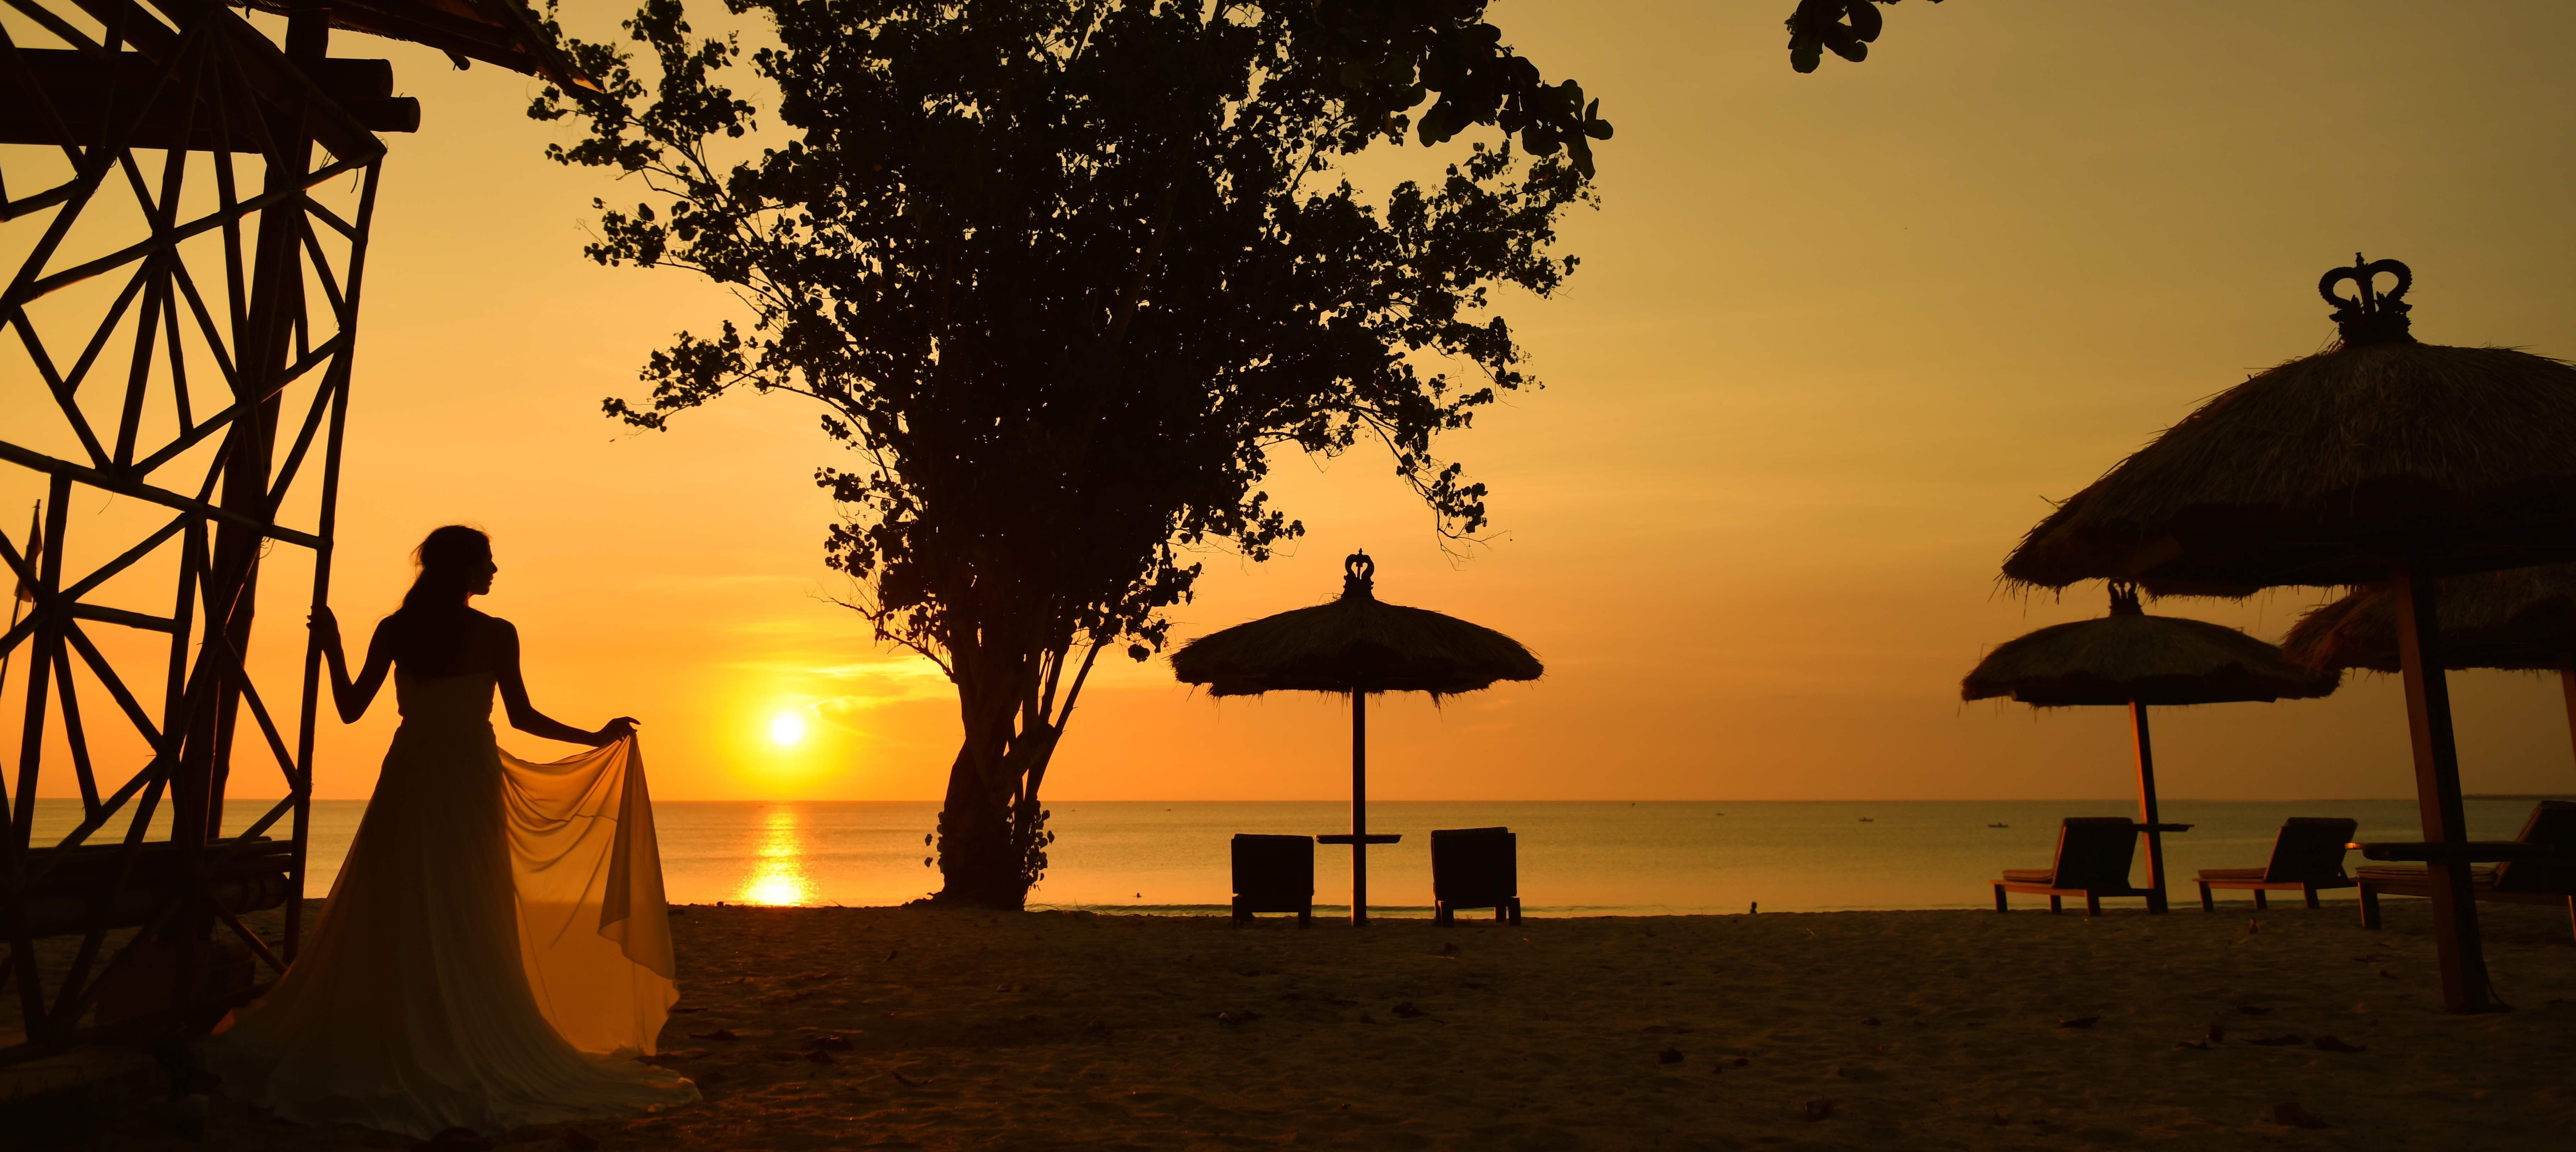 Bali Half Day Charter Photo Shooting